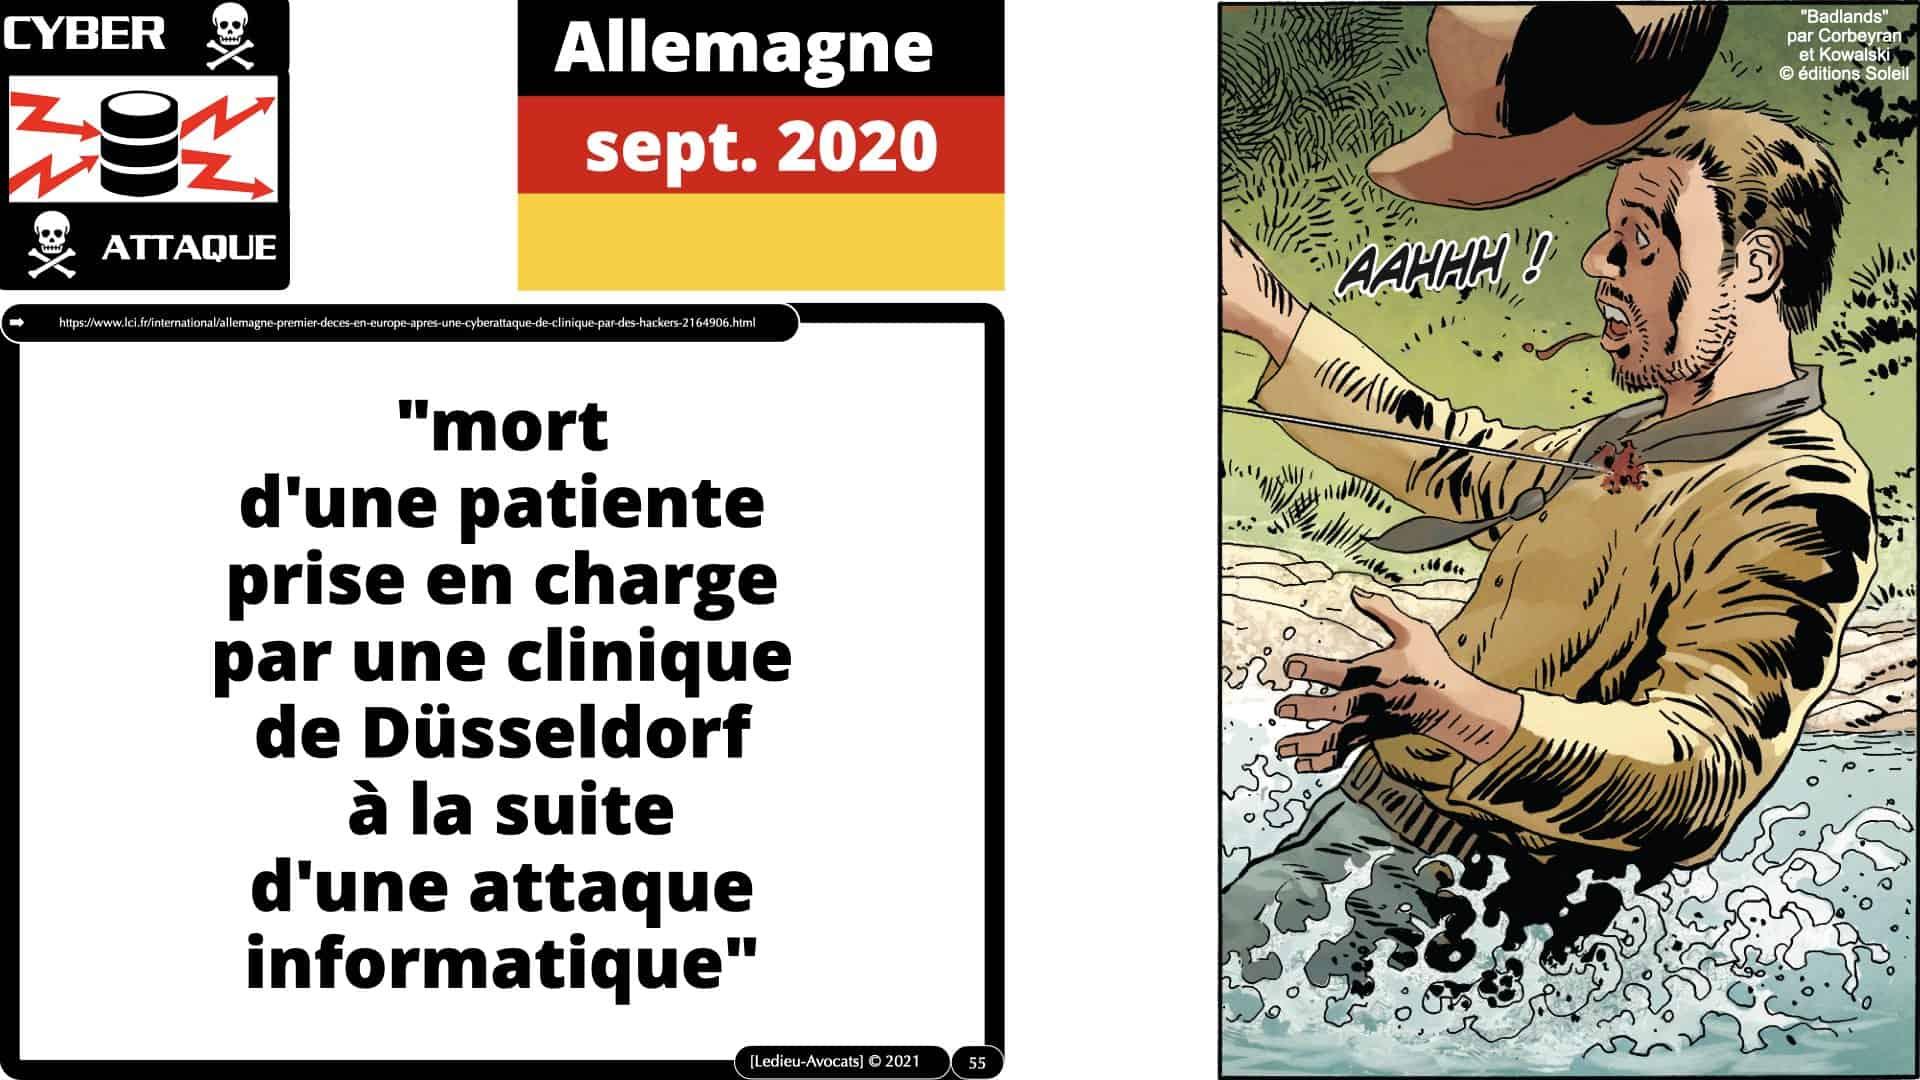 330 CYBER ATTAQUE © Ledieu-Avocats 09-03-2021.055